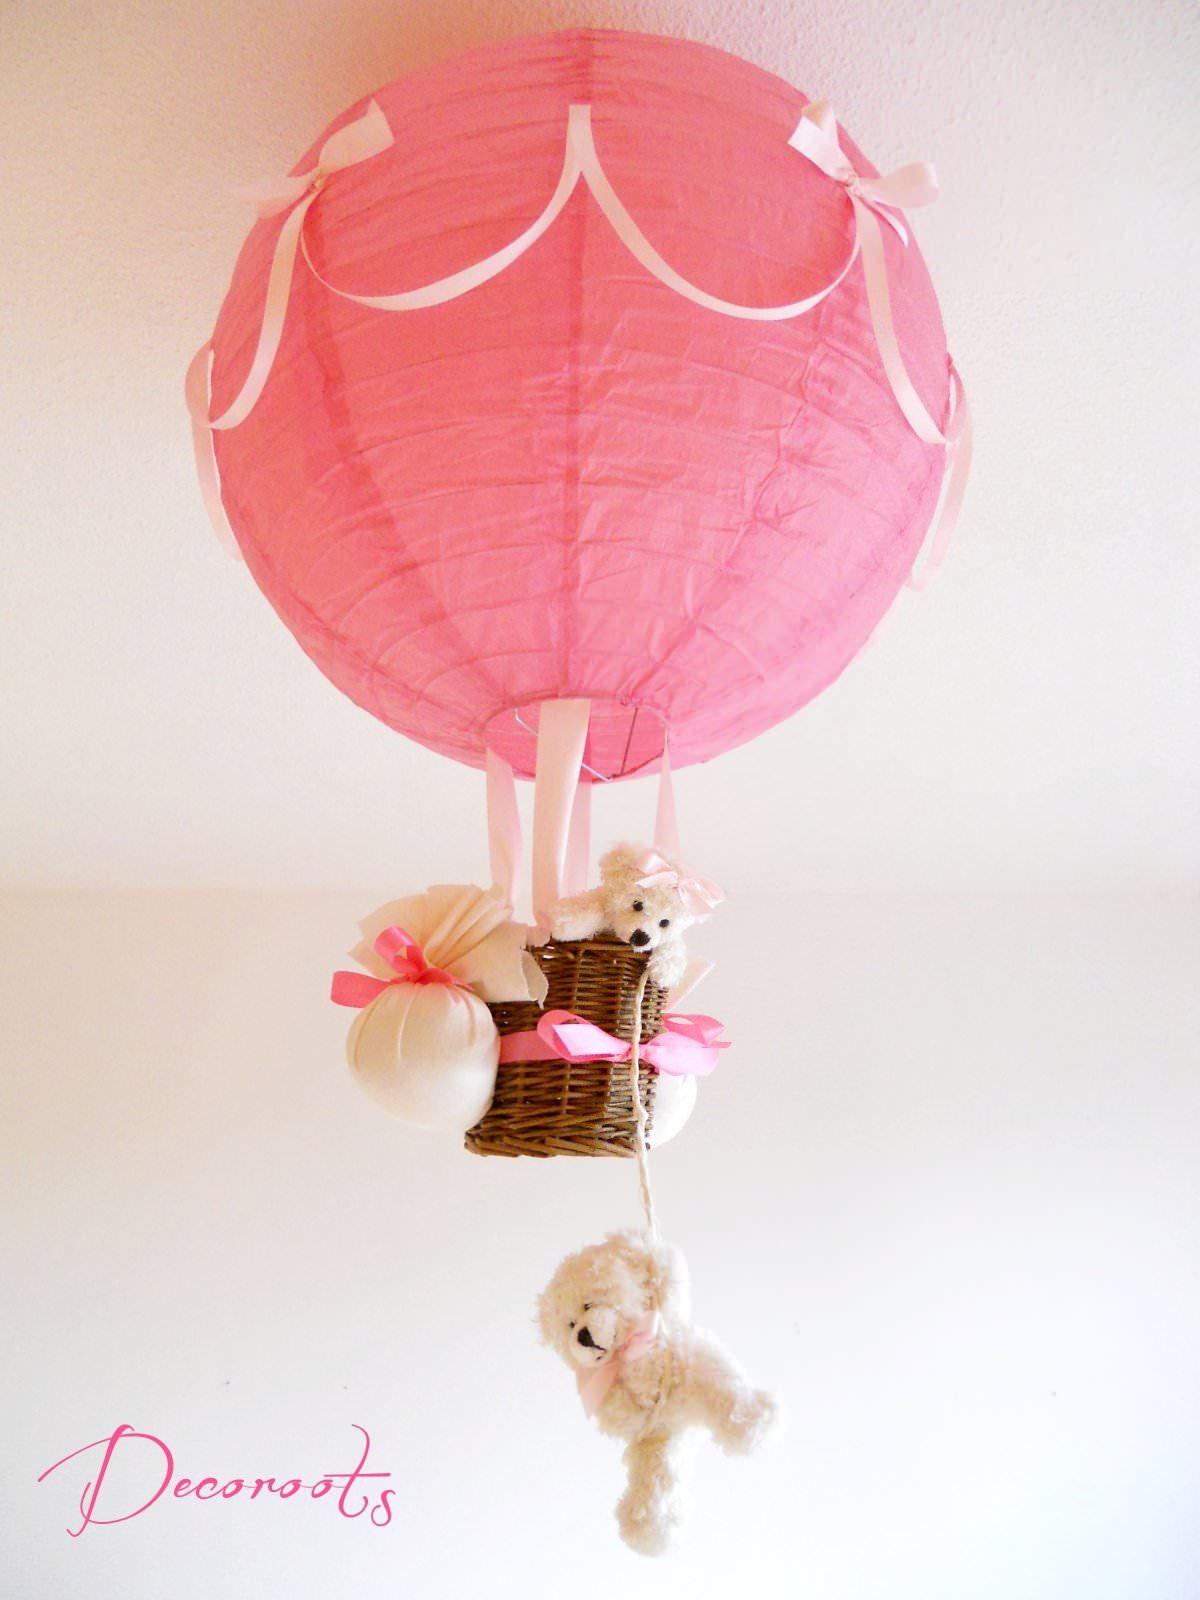 montgolfi re montgolfi re pinterest montgolfi re. Black Bedroom Furniture Sets. Home Design Ideas